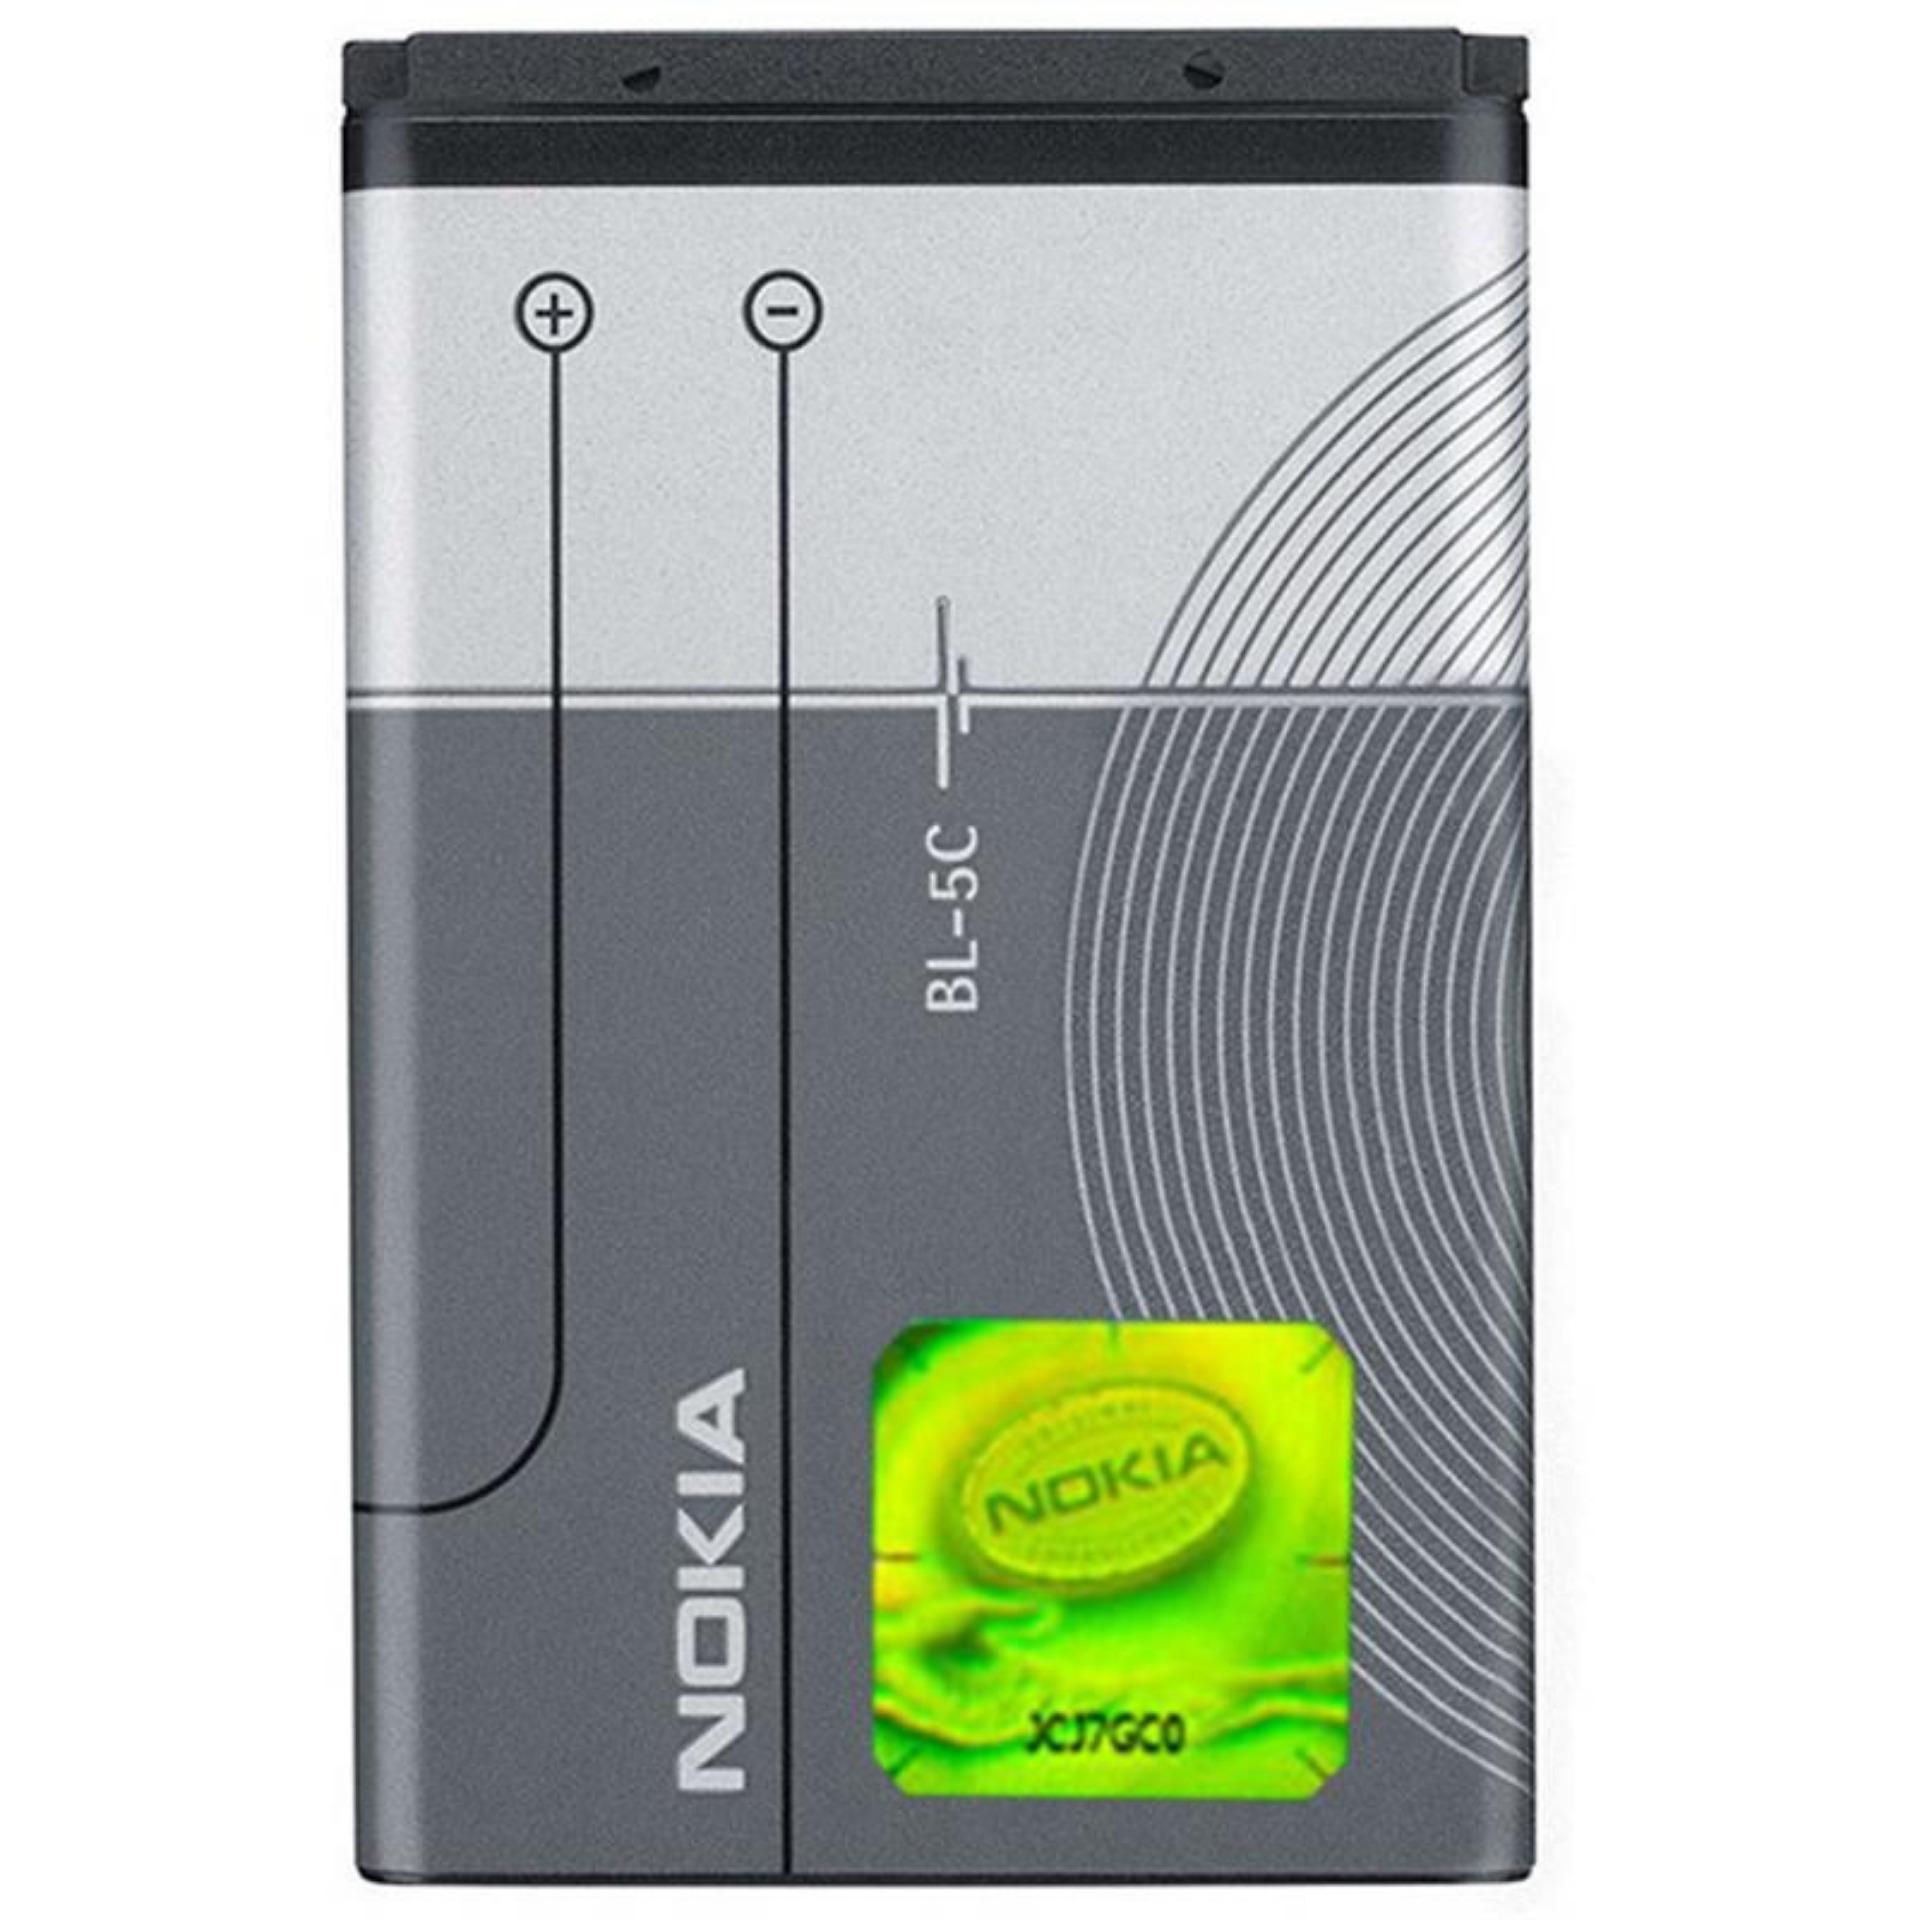 Hình ảnh Pin Nokia 5C (Pin Chuẩn 2ic Chống Phù) dành cho Nokia 1280, 1200, 1110i,7610....Pin bán rất nhiều khách mua